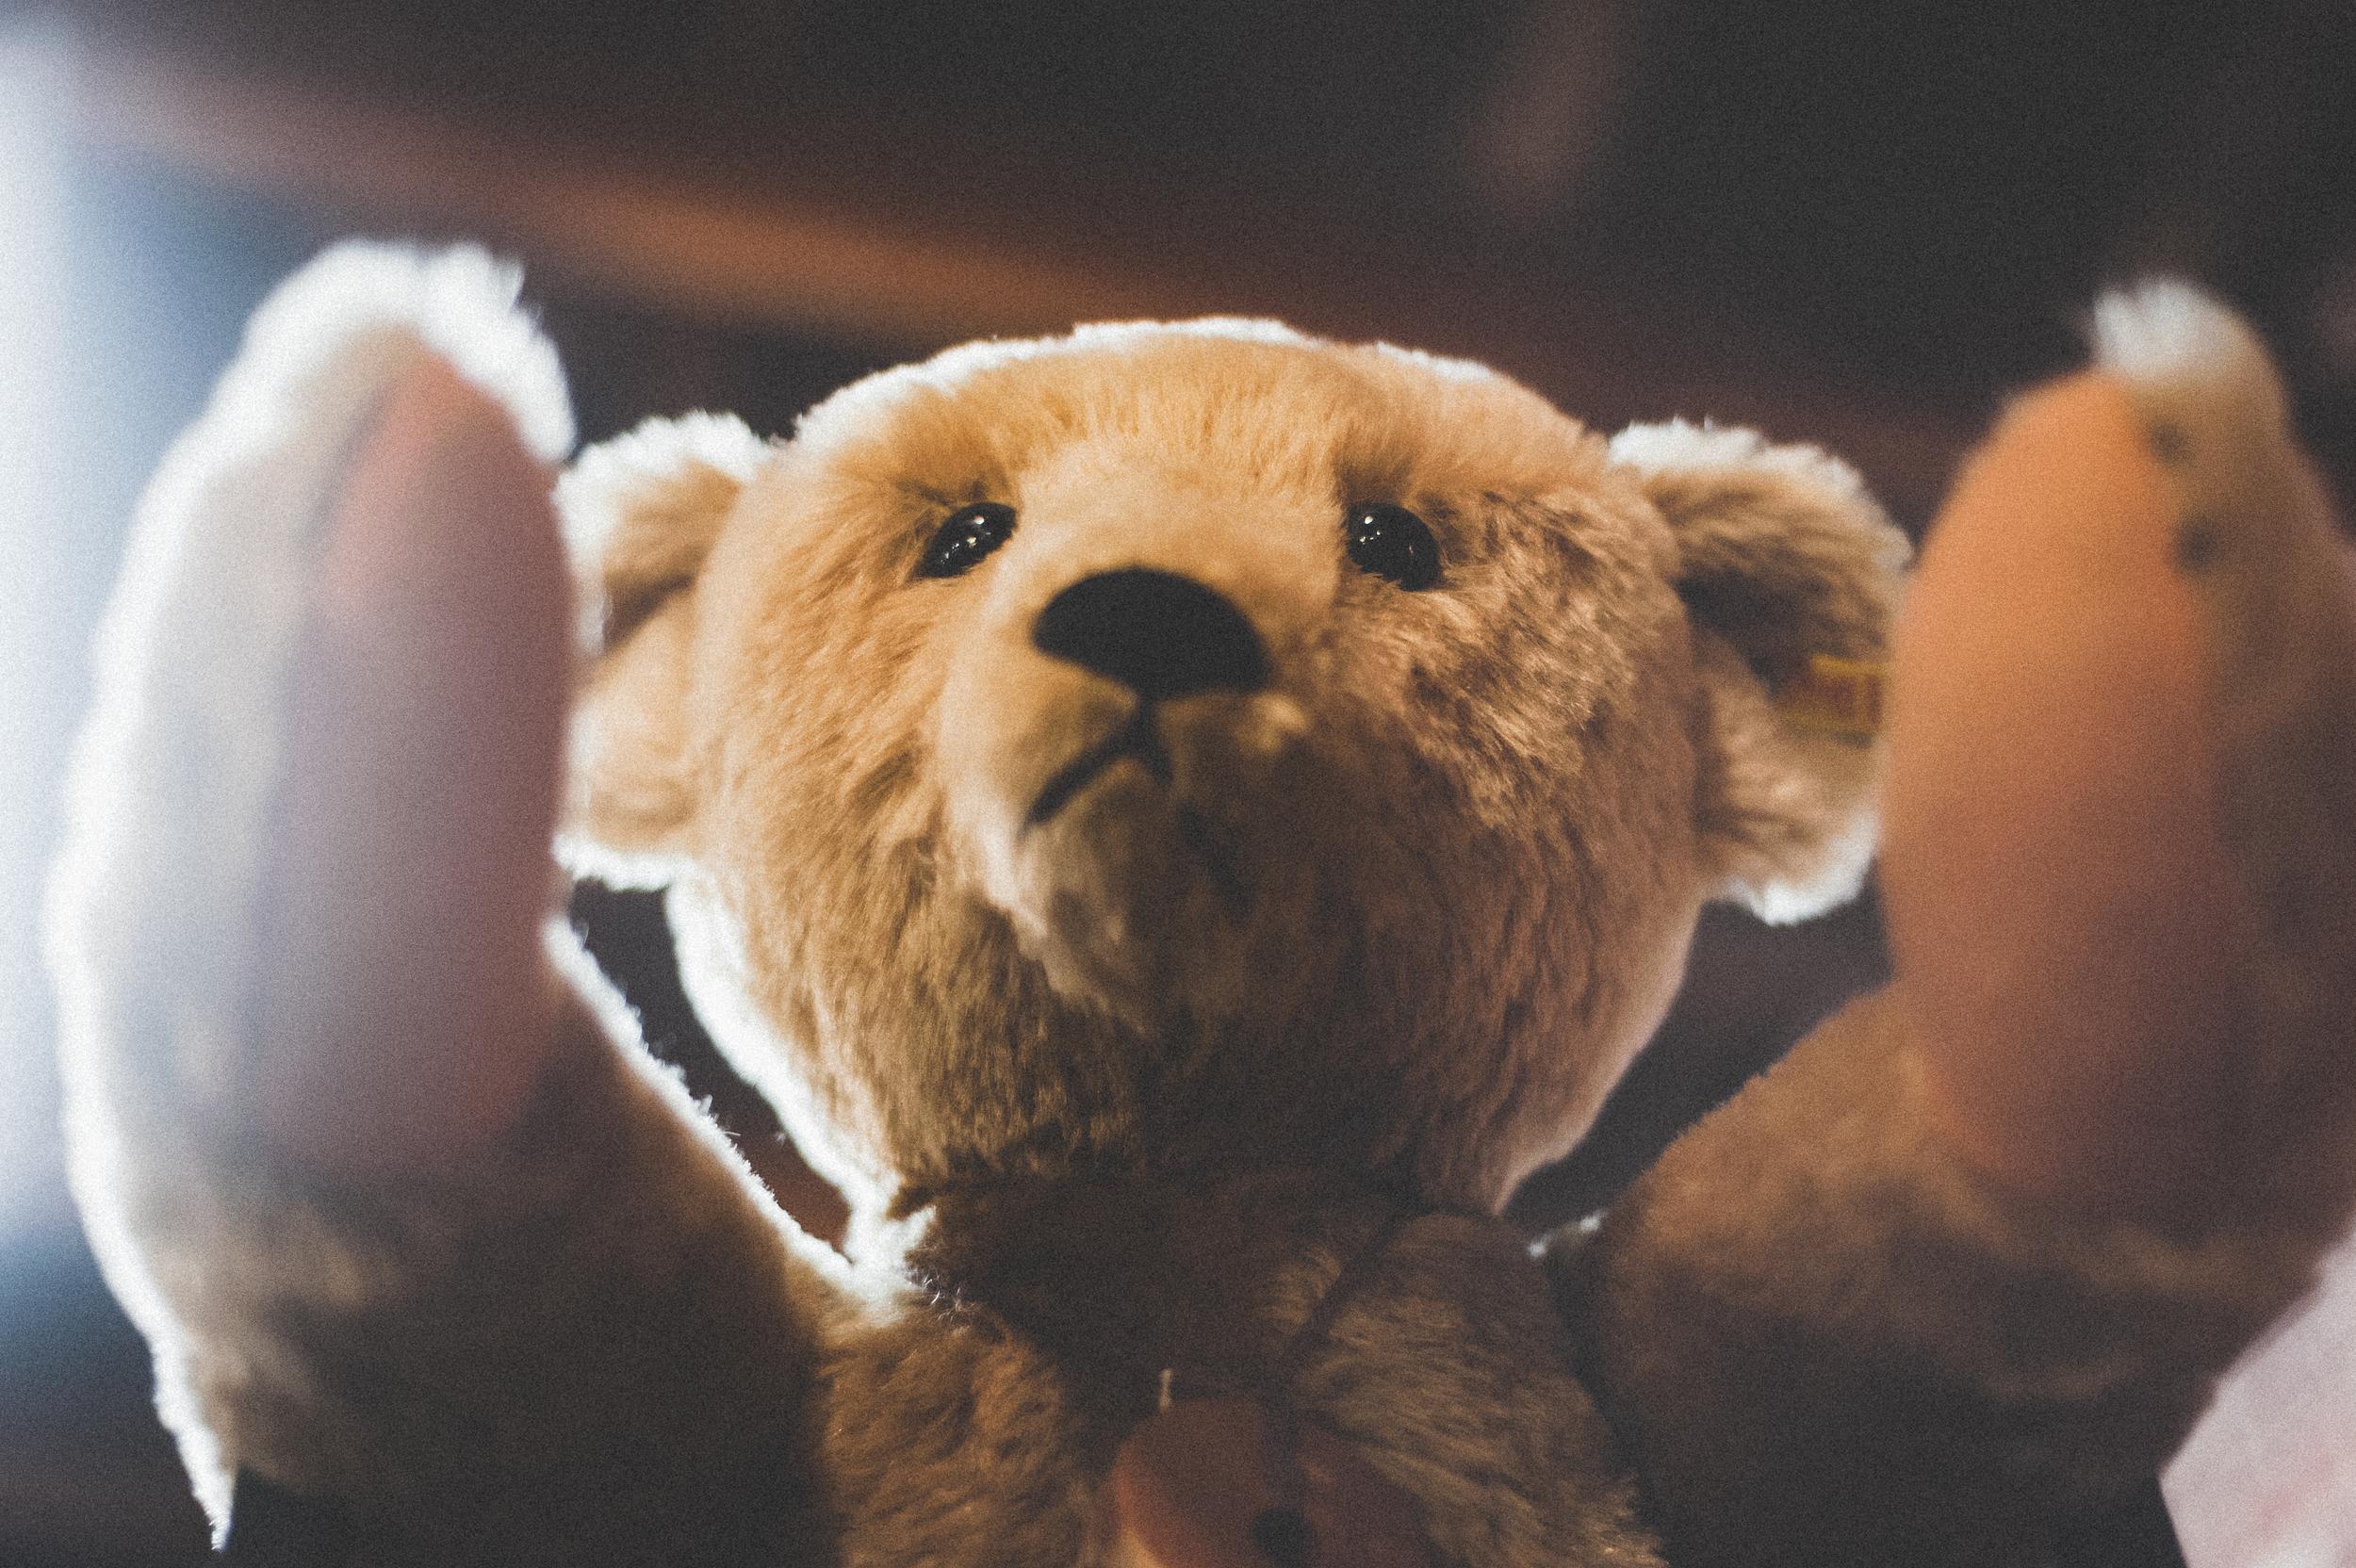 A slightly disturbing, cuddly bear.